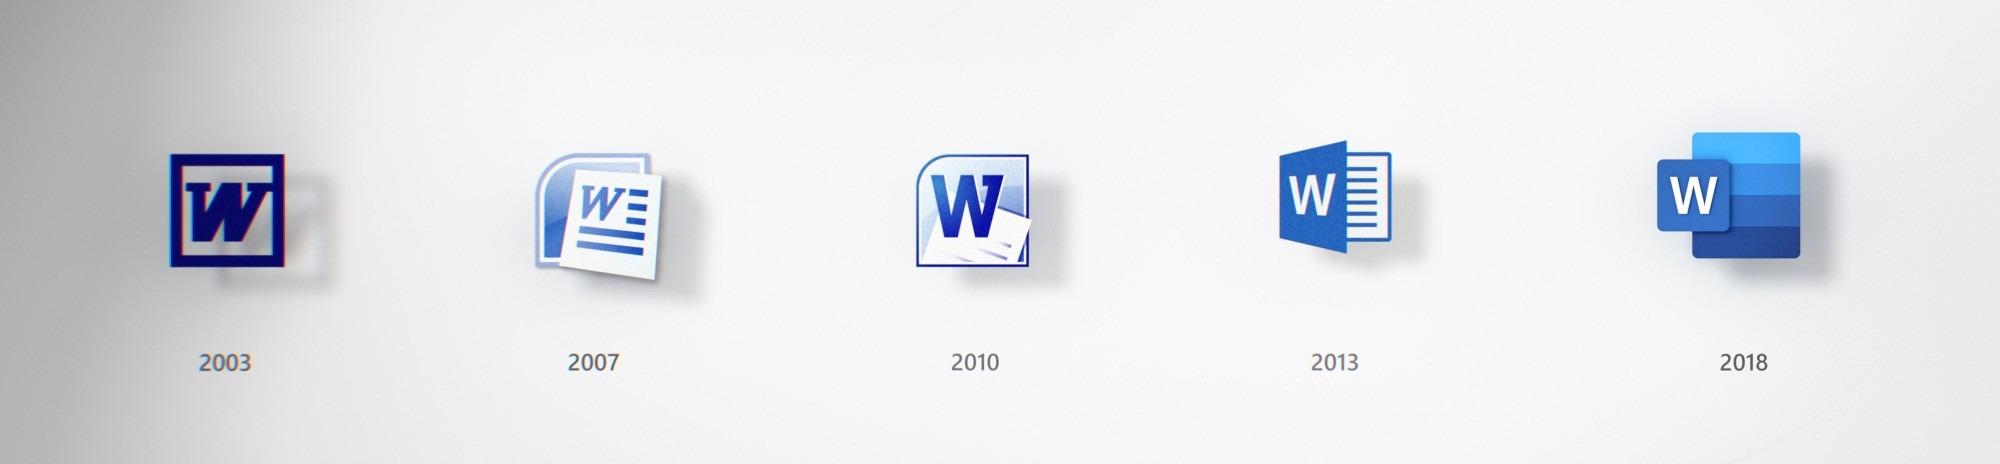 1k3I0rXtvYVxw_TQIpjAFxA - Icone nuove per i file della suite Office e non solo!